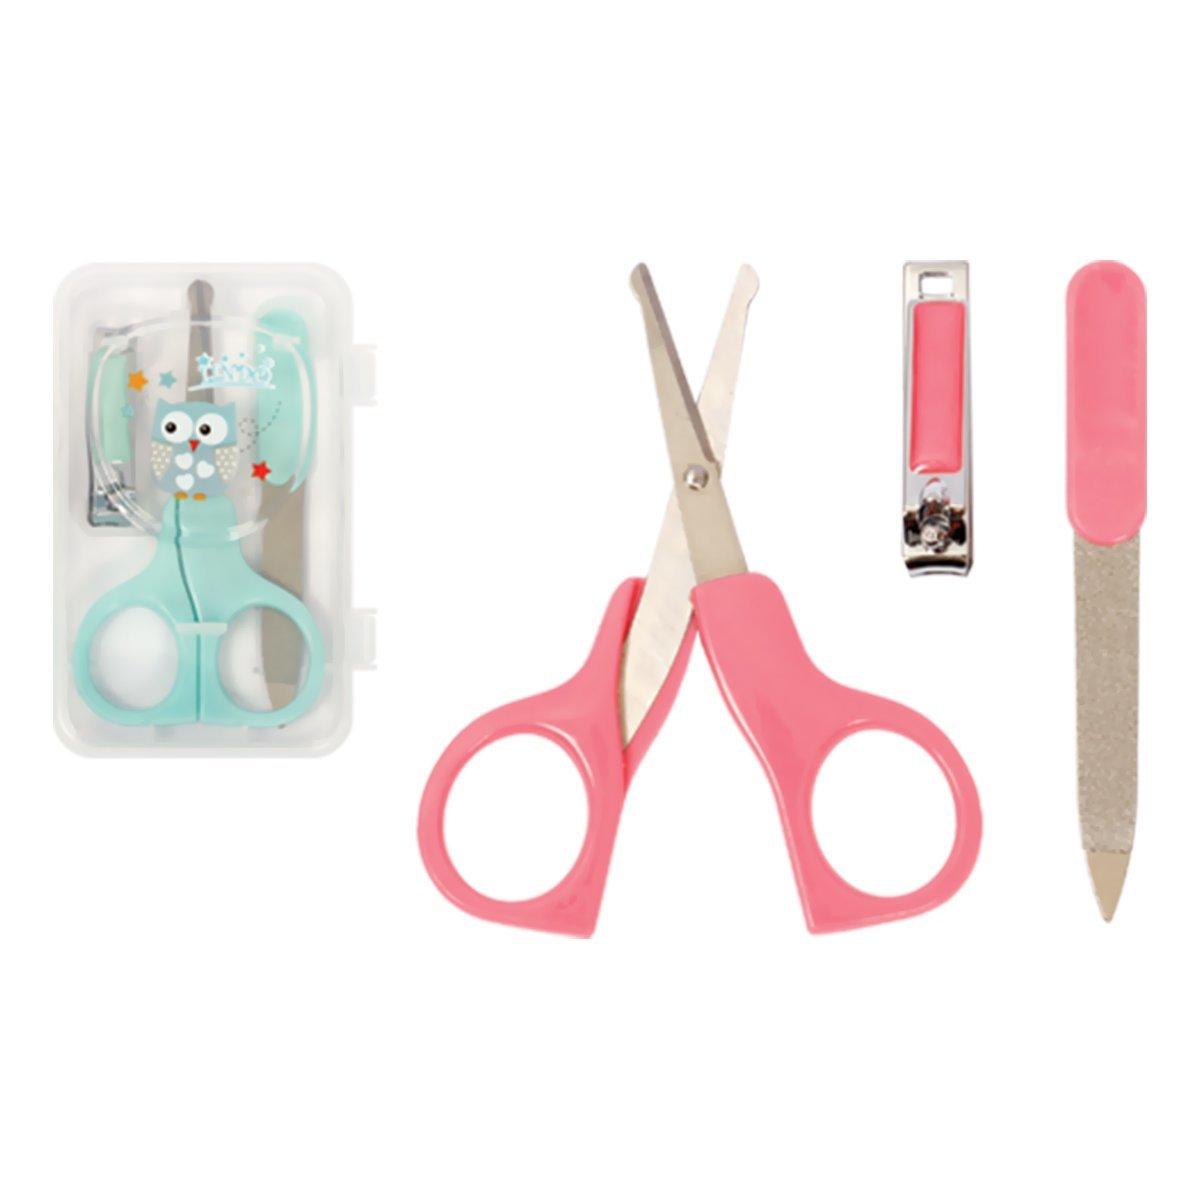 Купить Маникюрные принадлежности, Набор Lindo Pink&Green Маникюрные ножницы и щипчики (в ассорт) LI 801 ТМ: Lindo